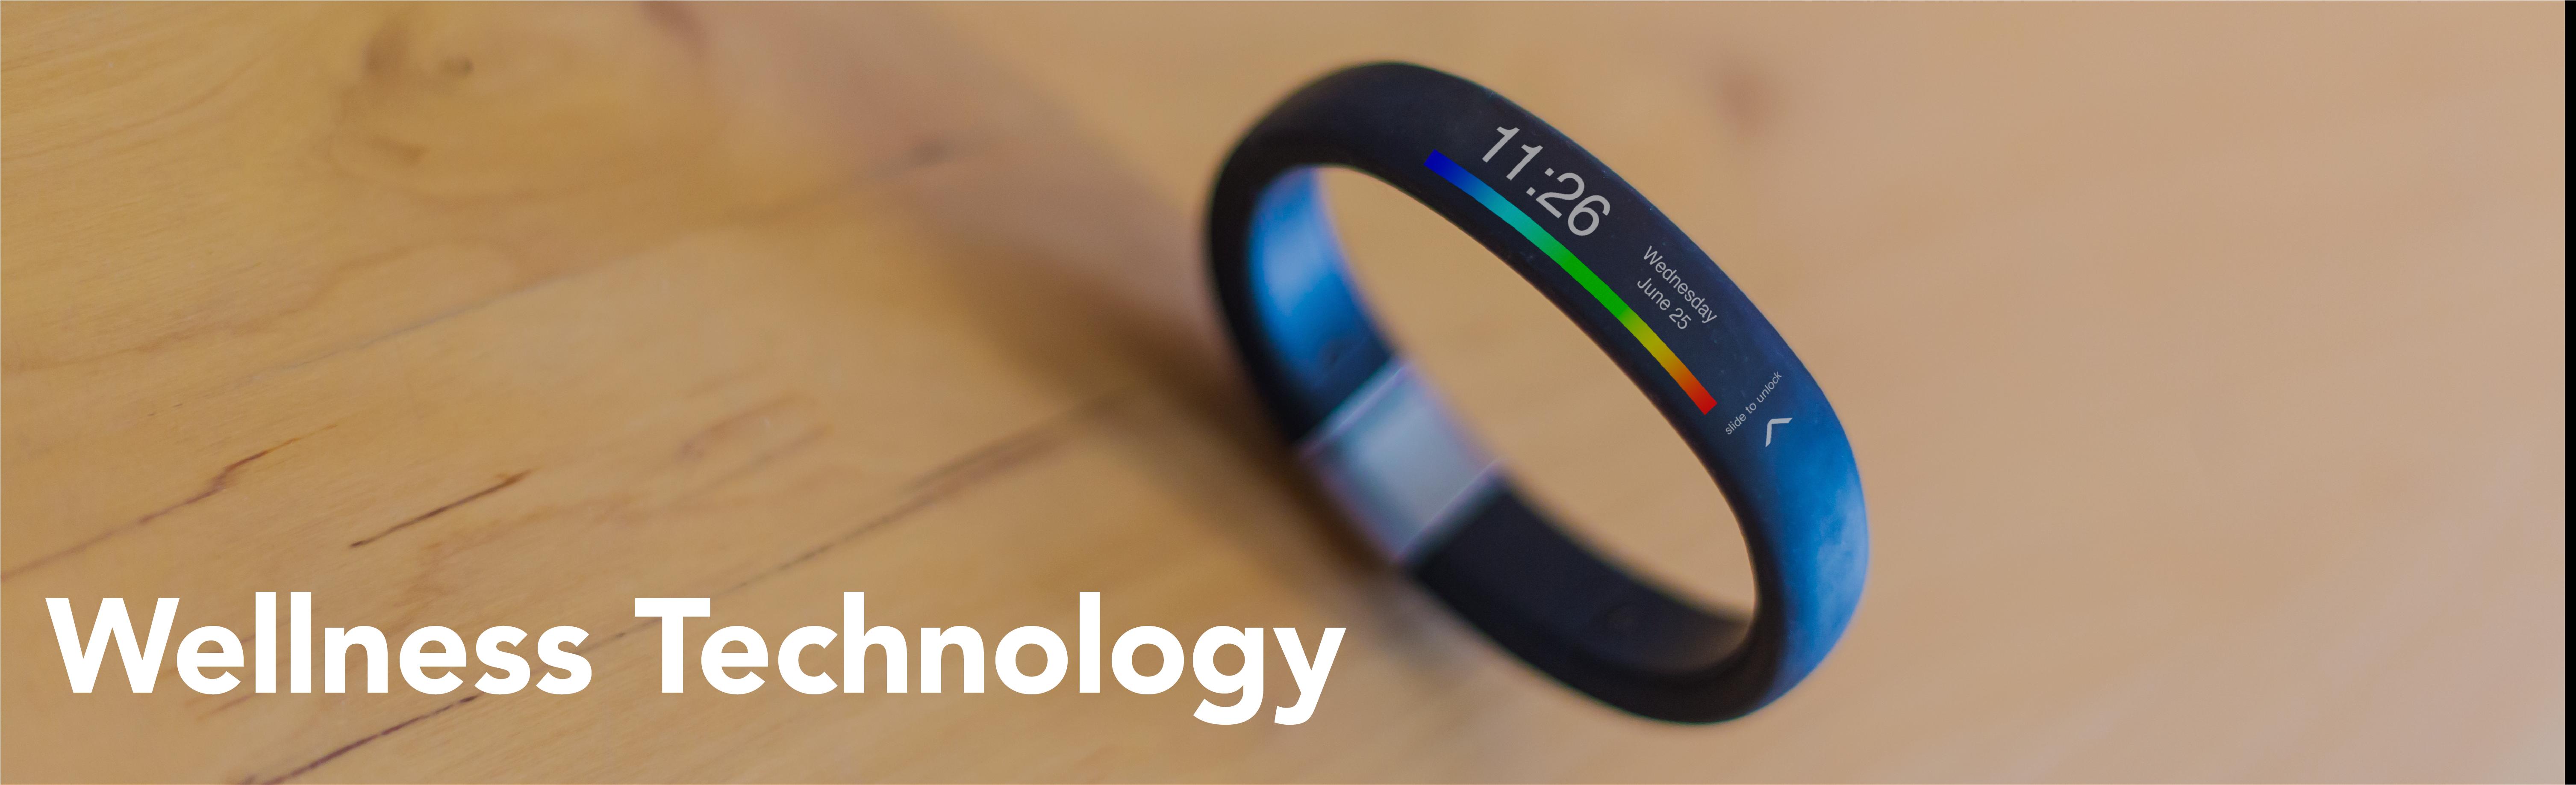 Wellness Technology